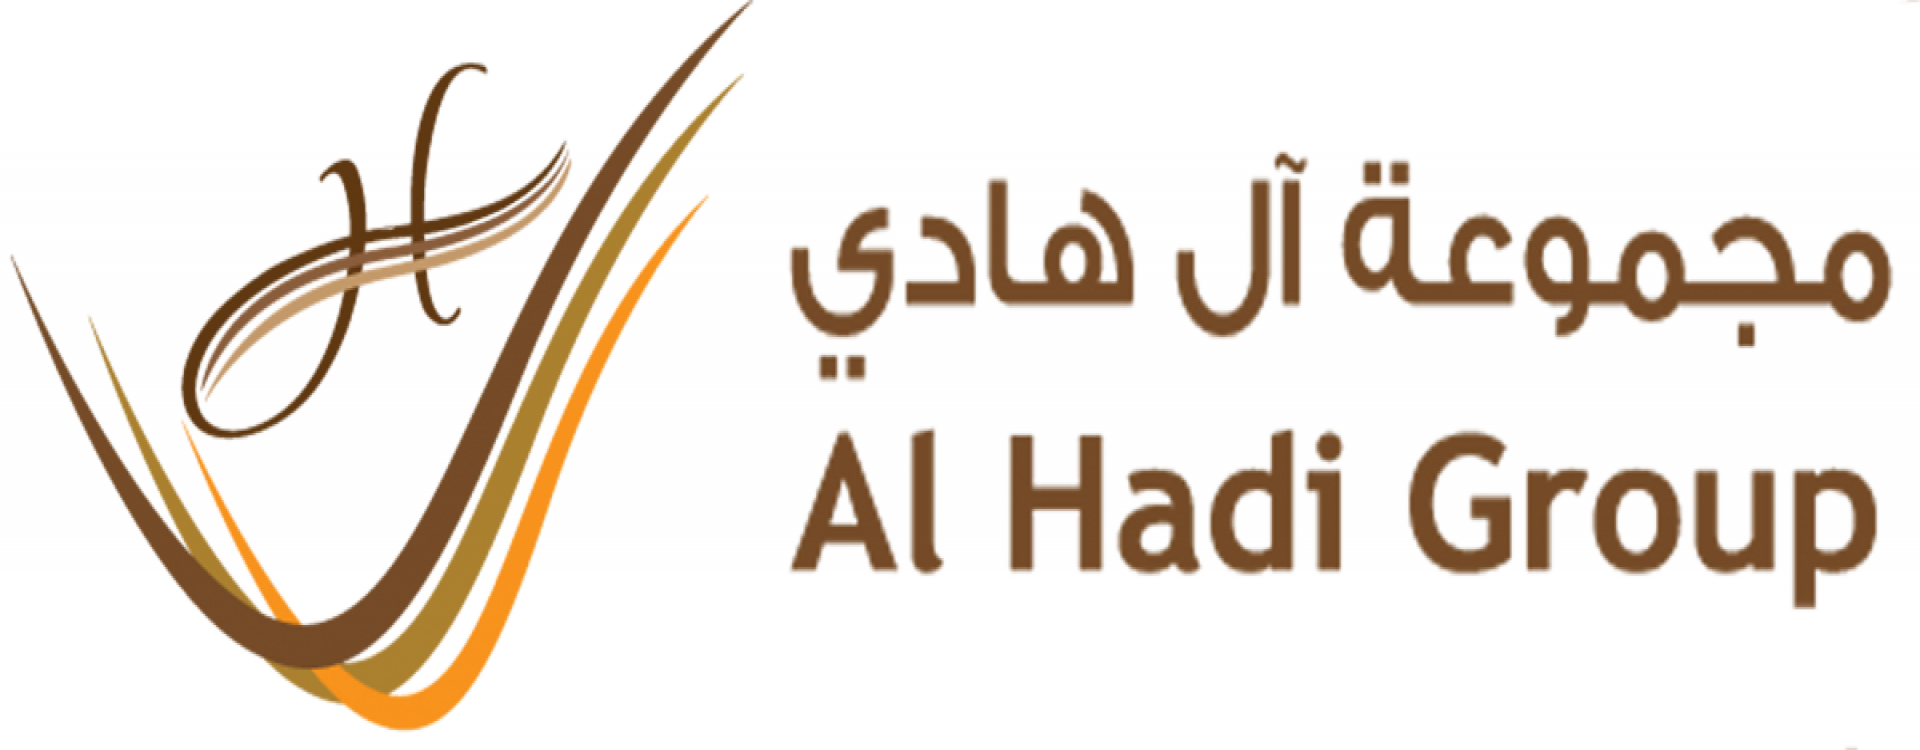 مجموعة آل هادي